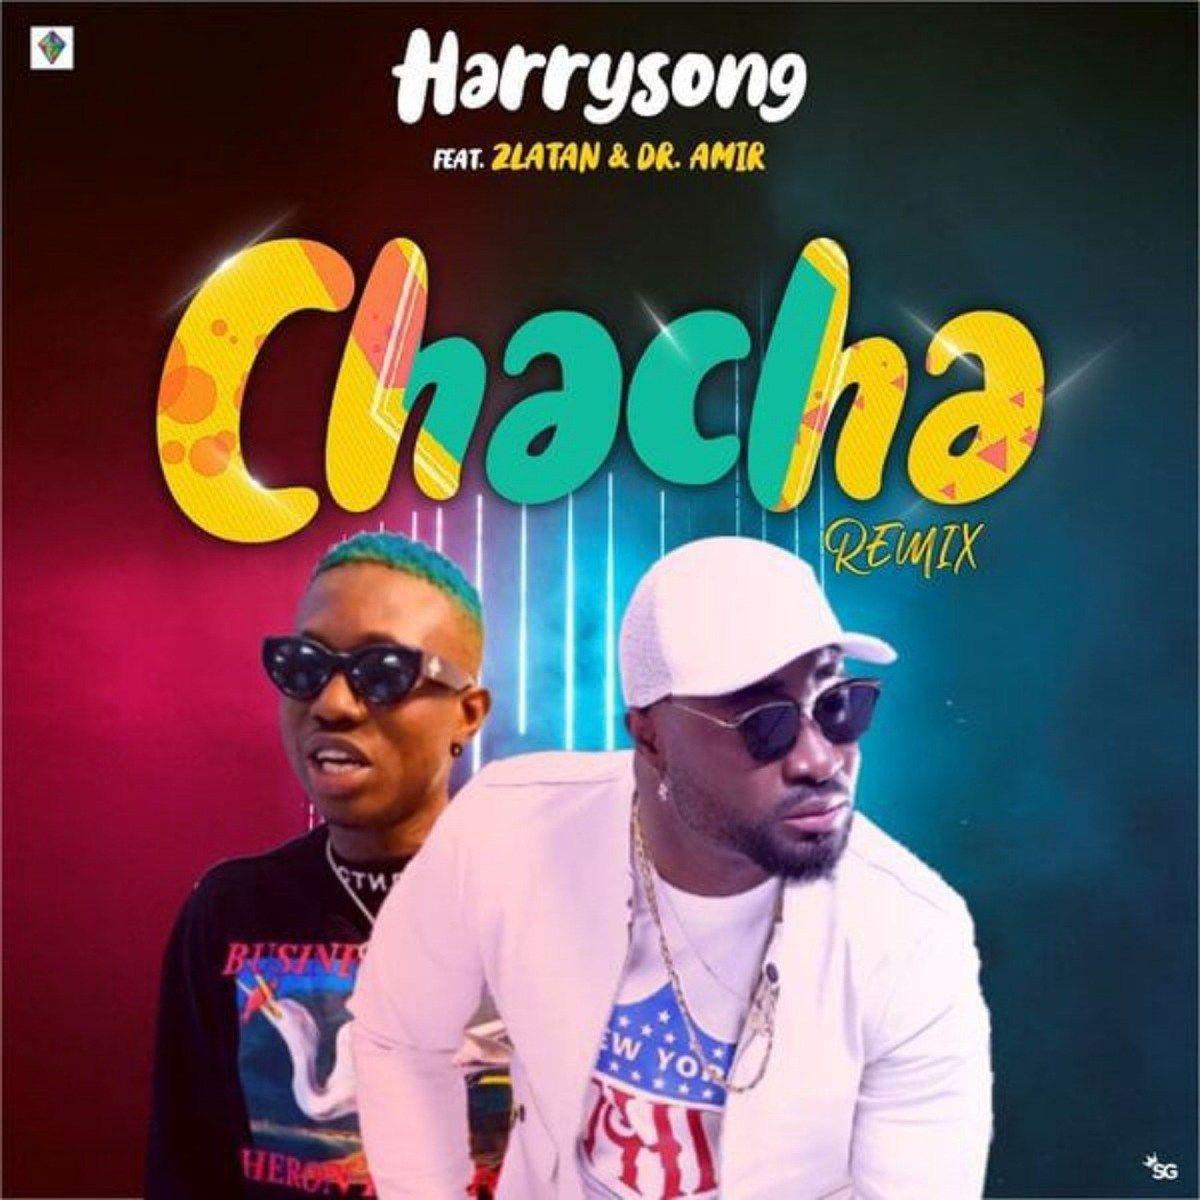 Harrysong Cha Cha Remix Ft Zlatan Afrobeats Naija Music Remix Music Songs Remix